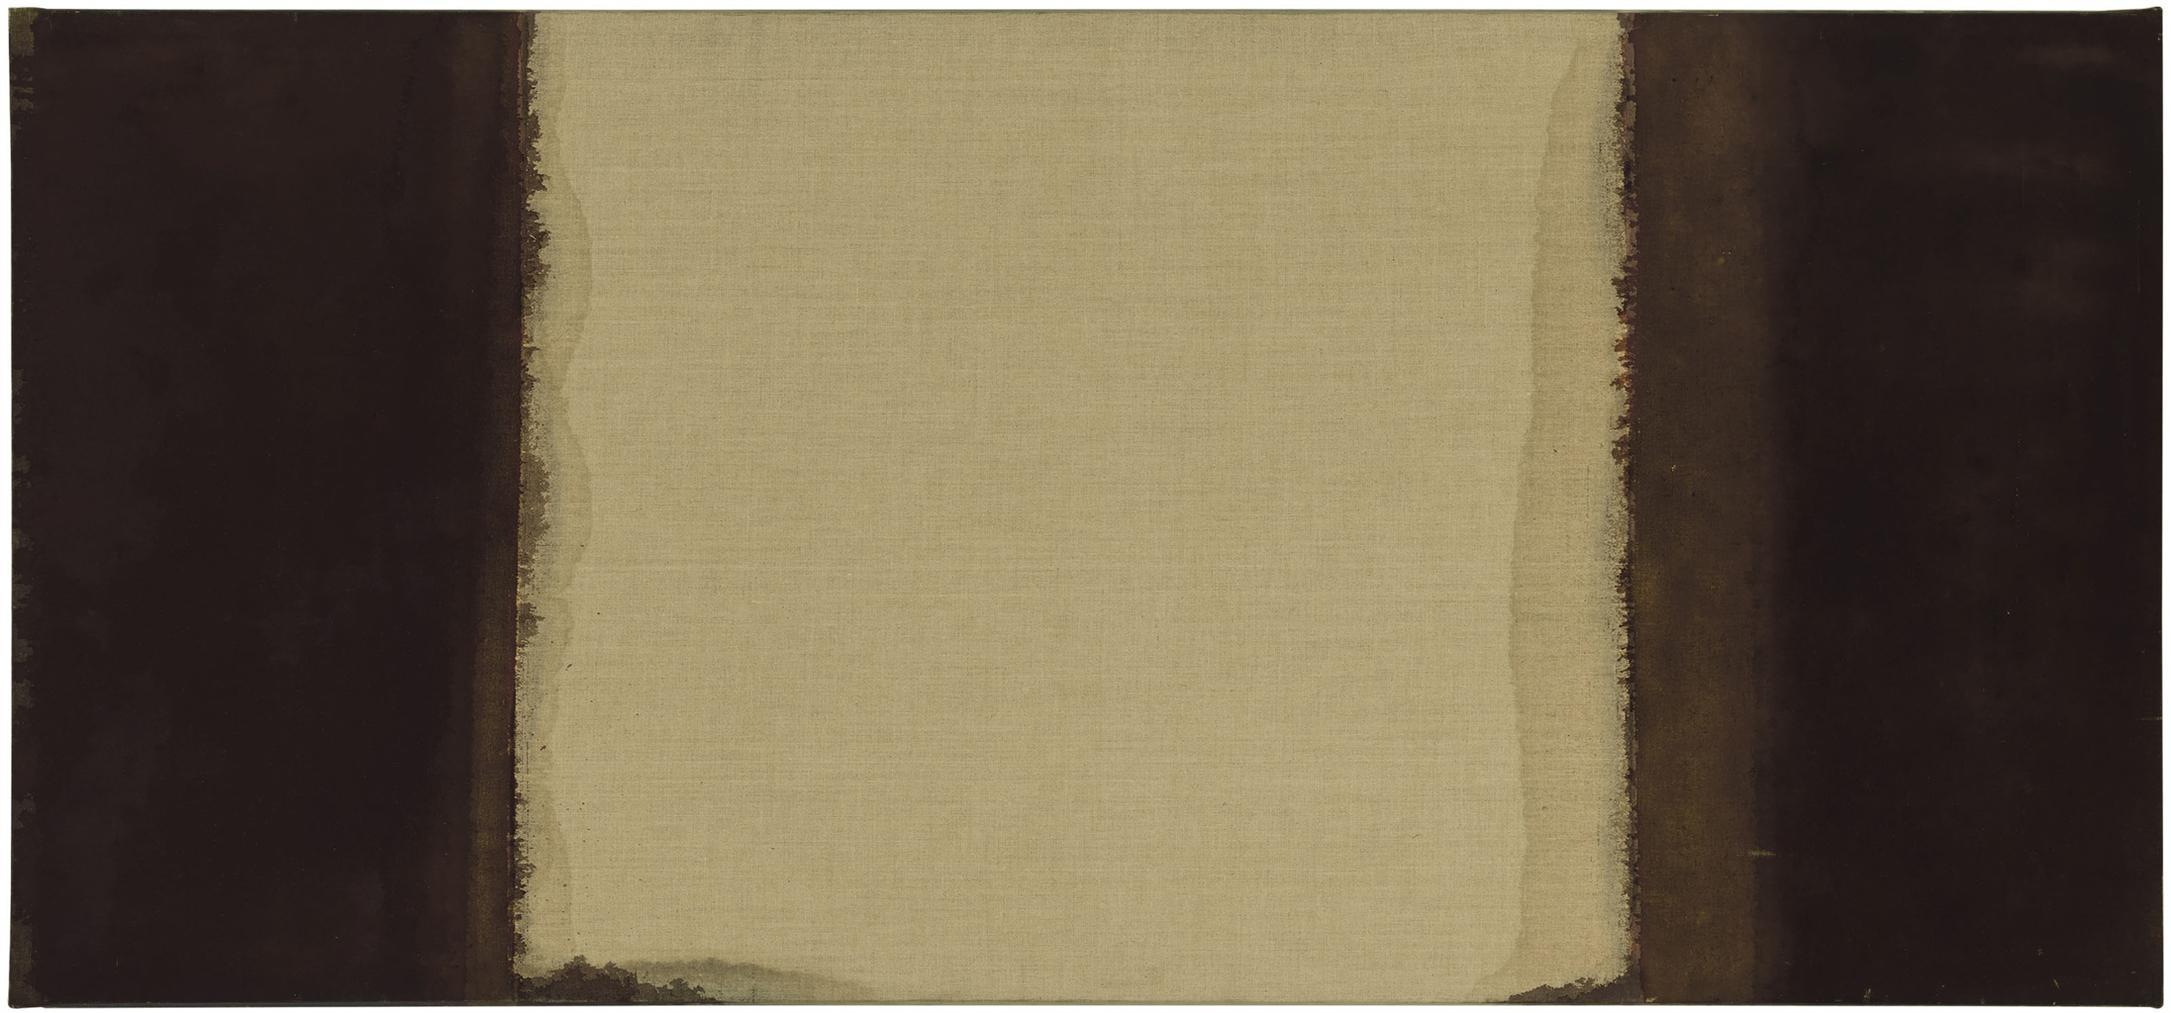 Yun Hyong-Keun-Untitled-1988